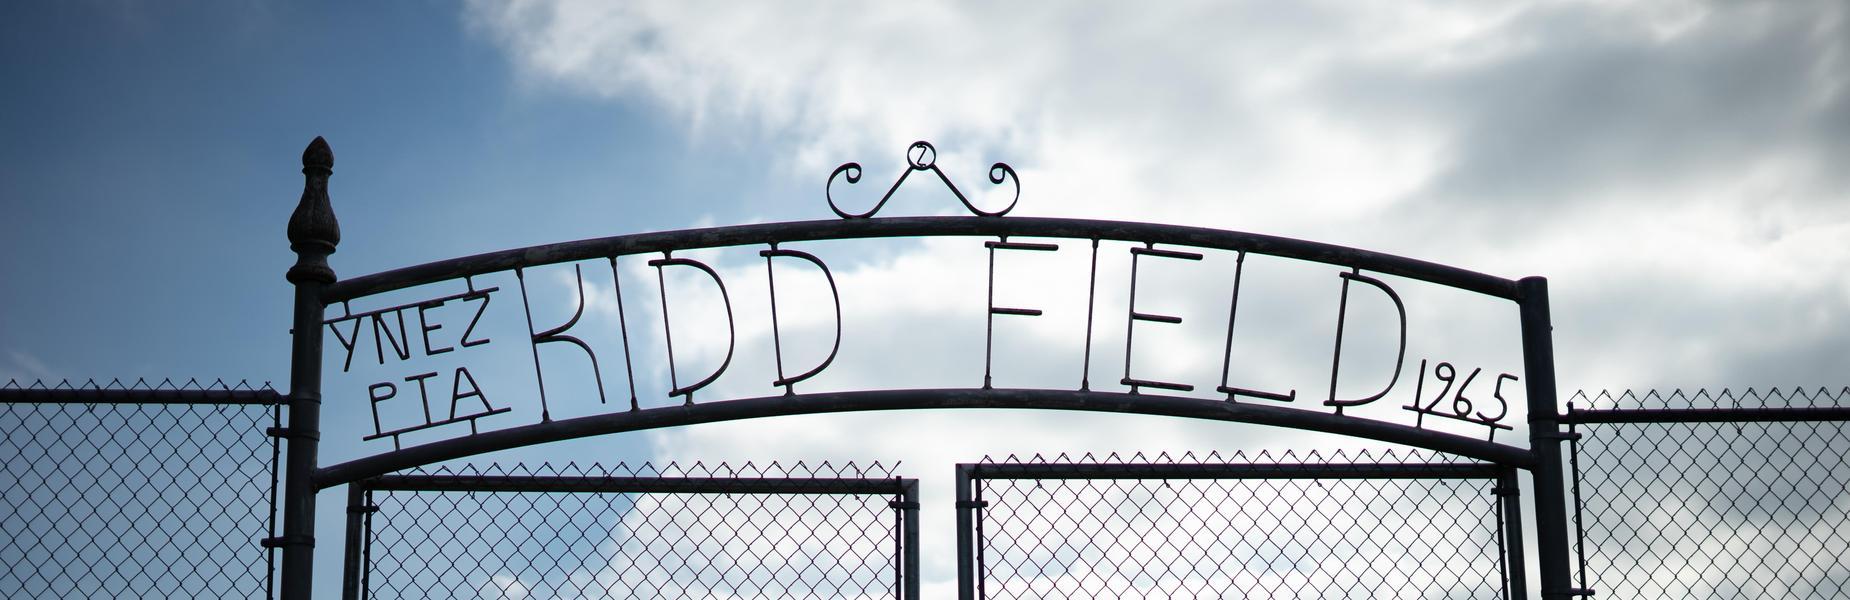 Ynez Kidd Field Front